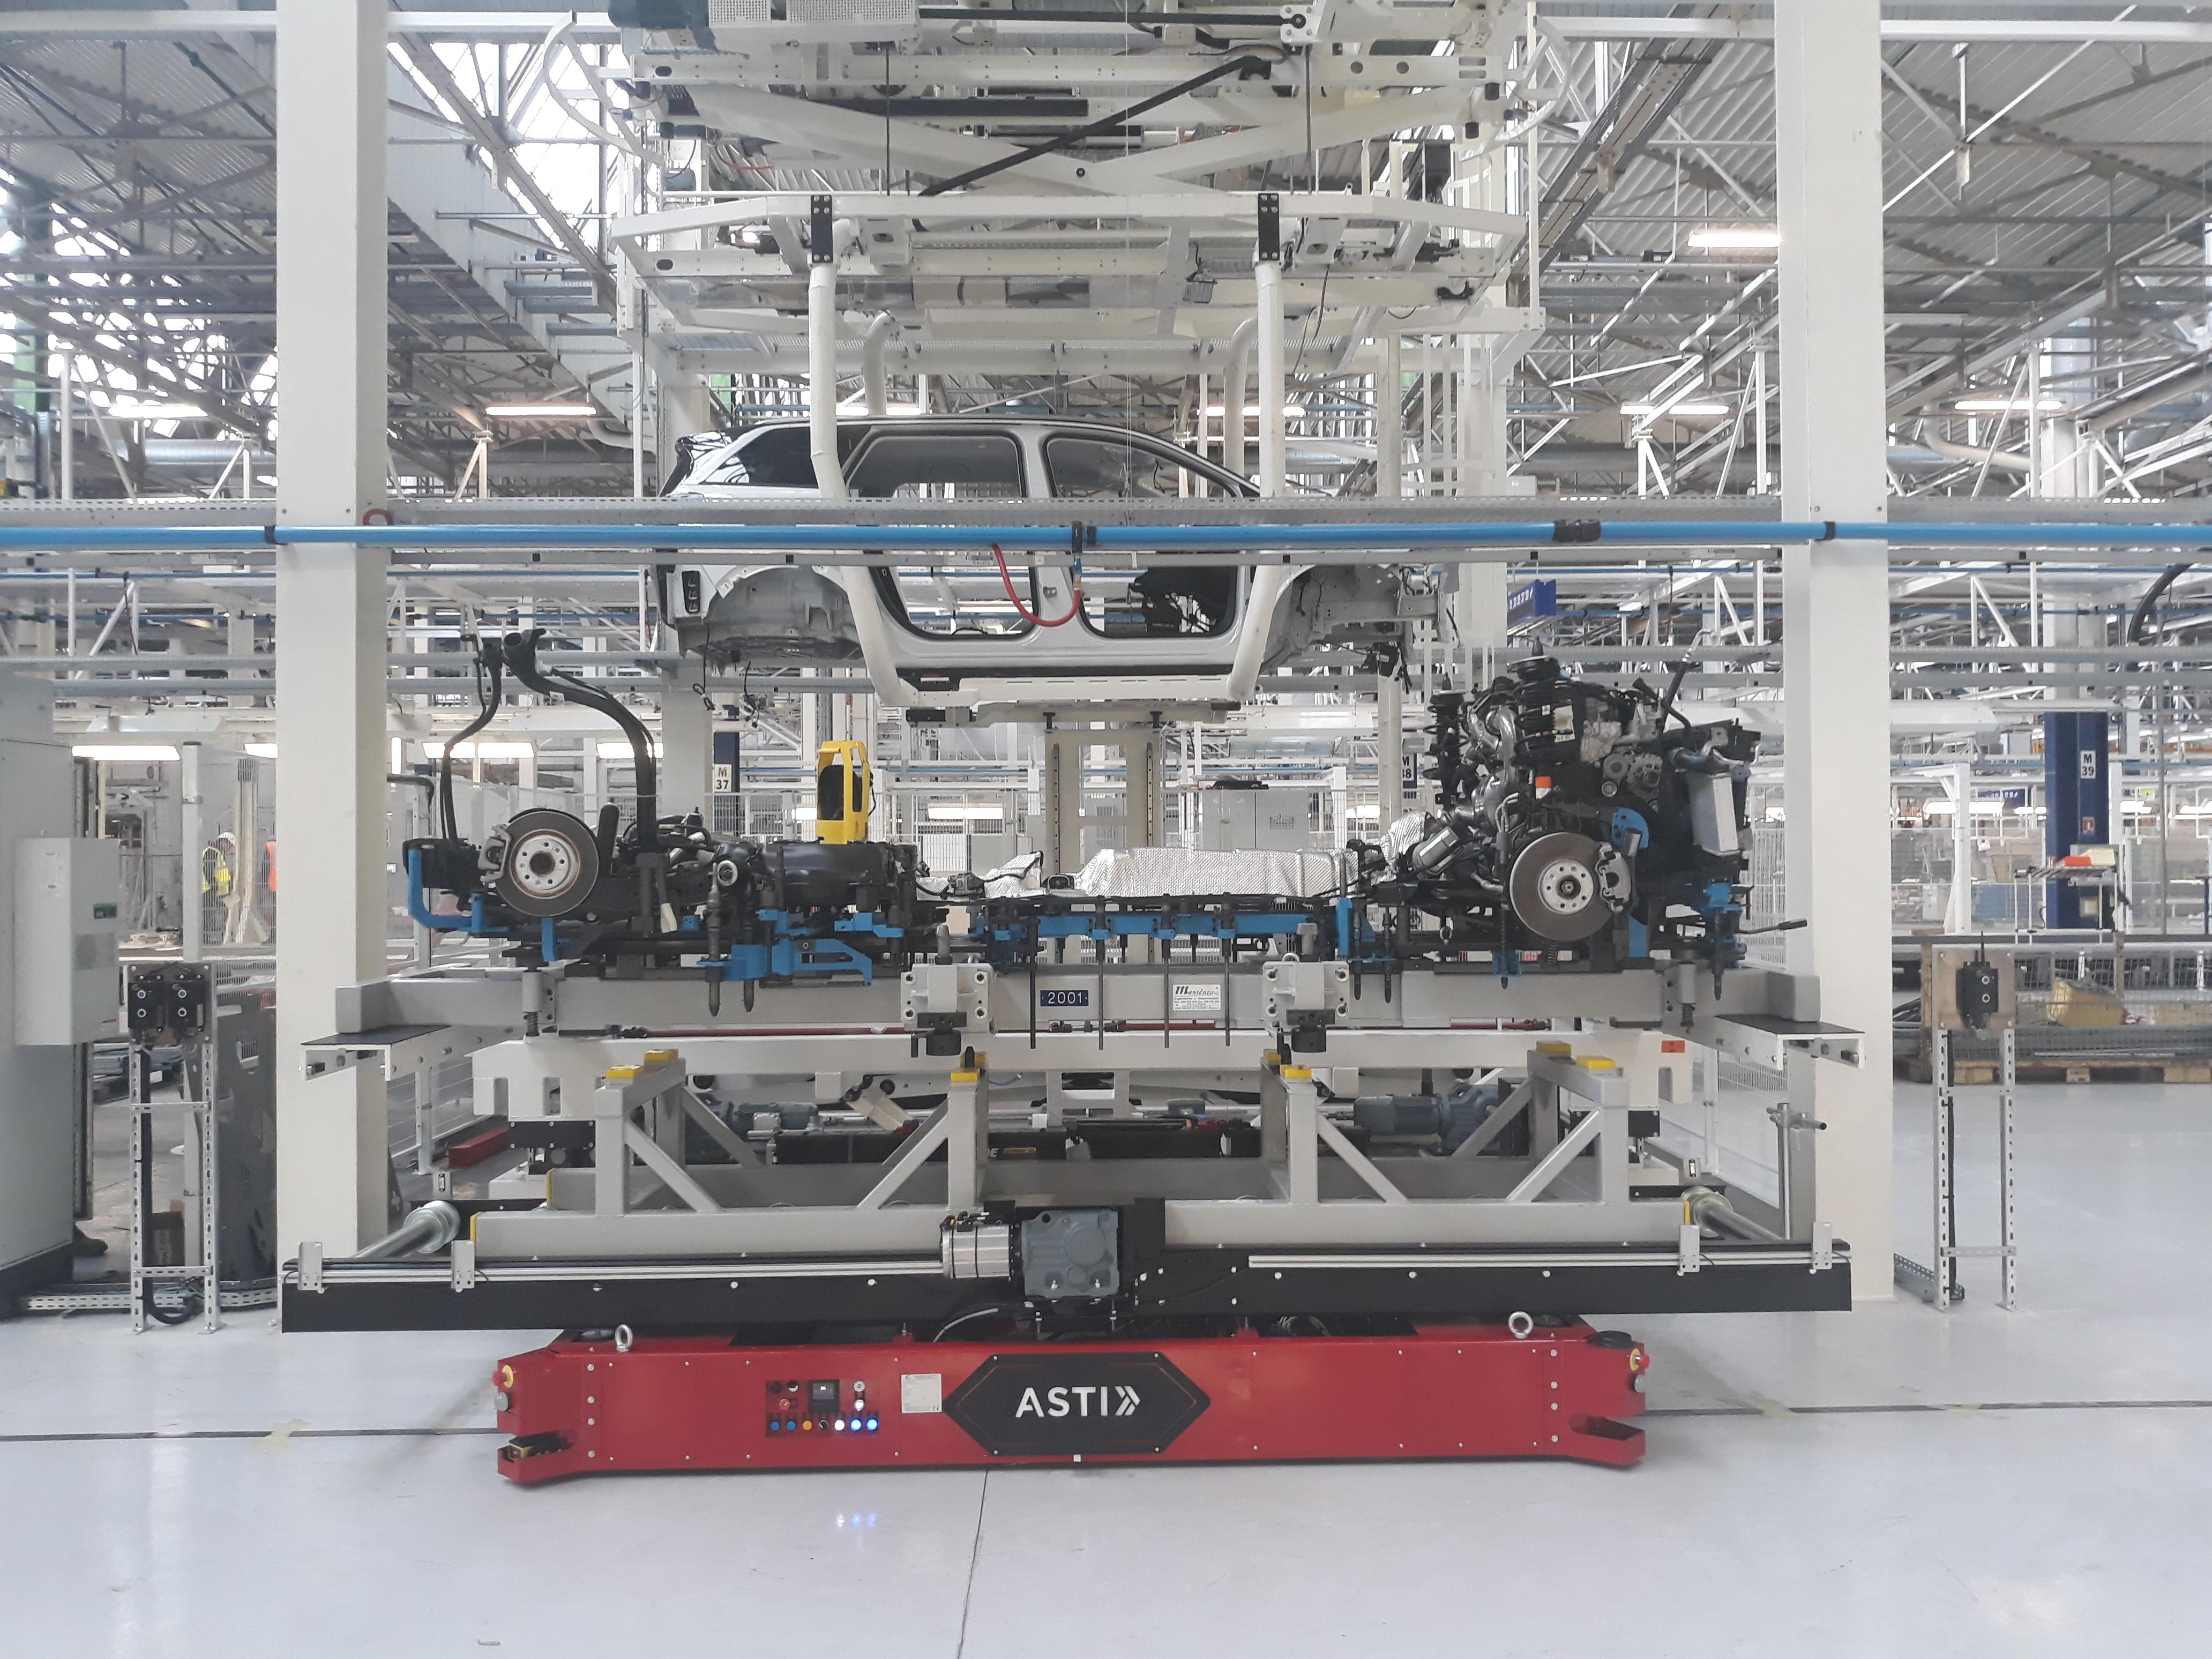 ASTI Mobile Robotics desarrolla un AGV que facilita la flexibilidad en las líneas de montaje del sector de la automoción